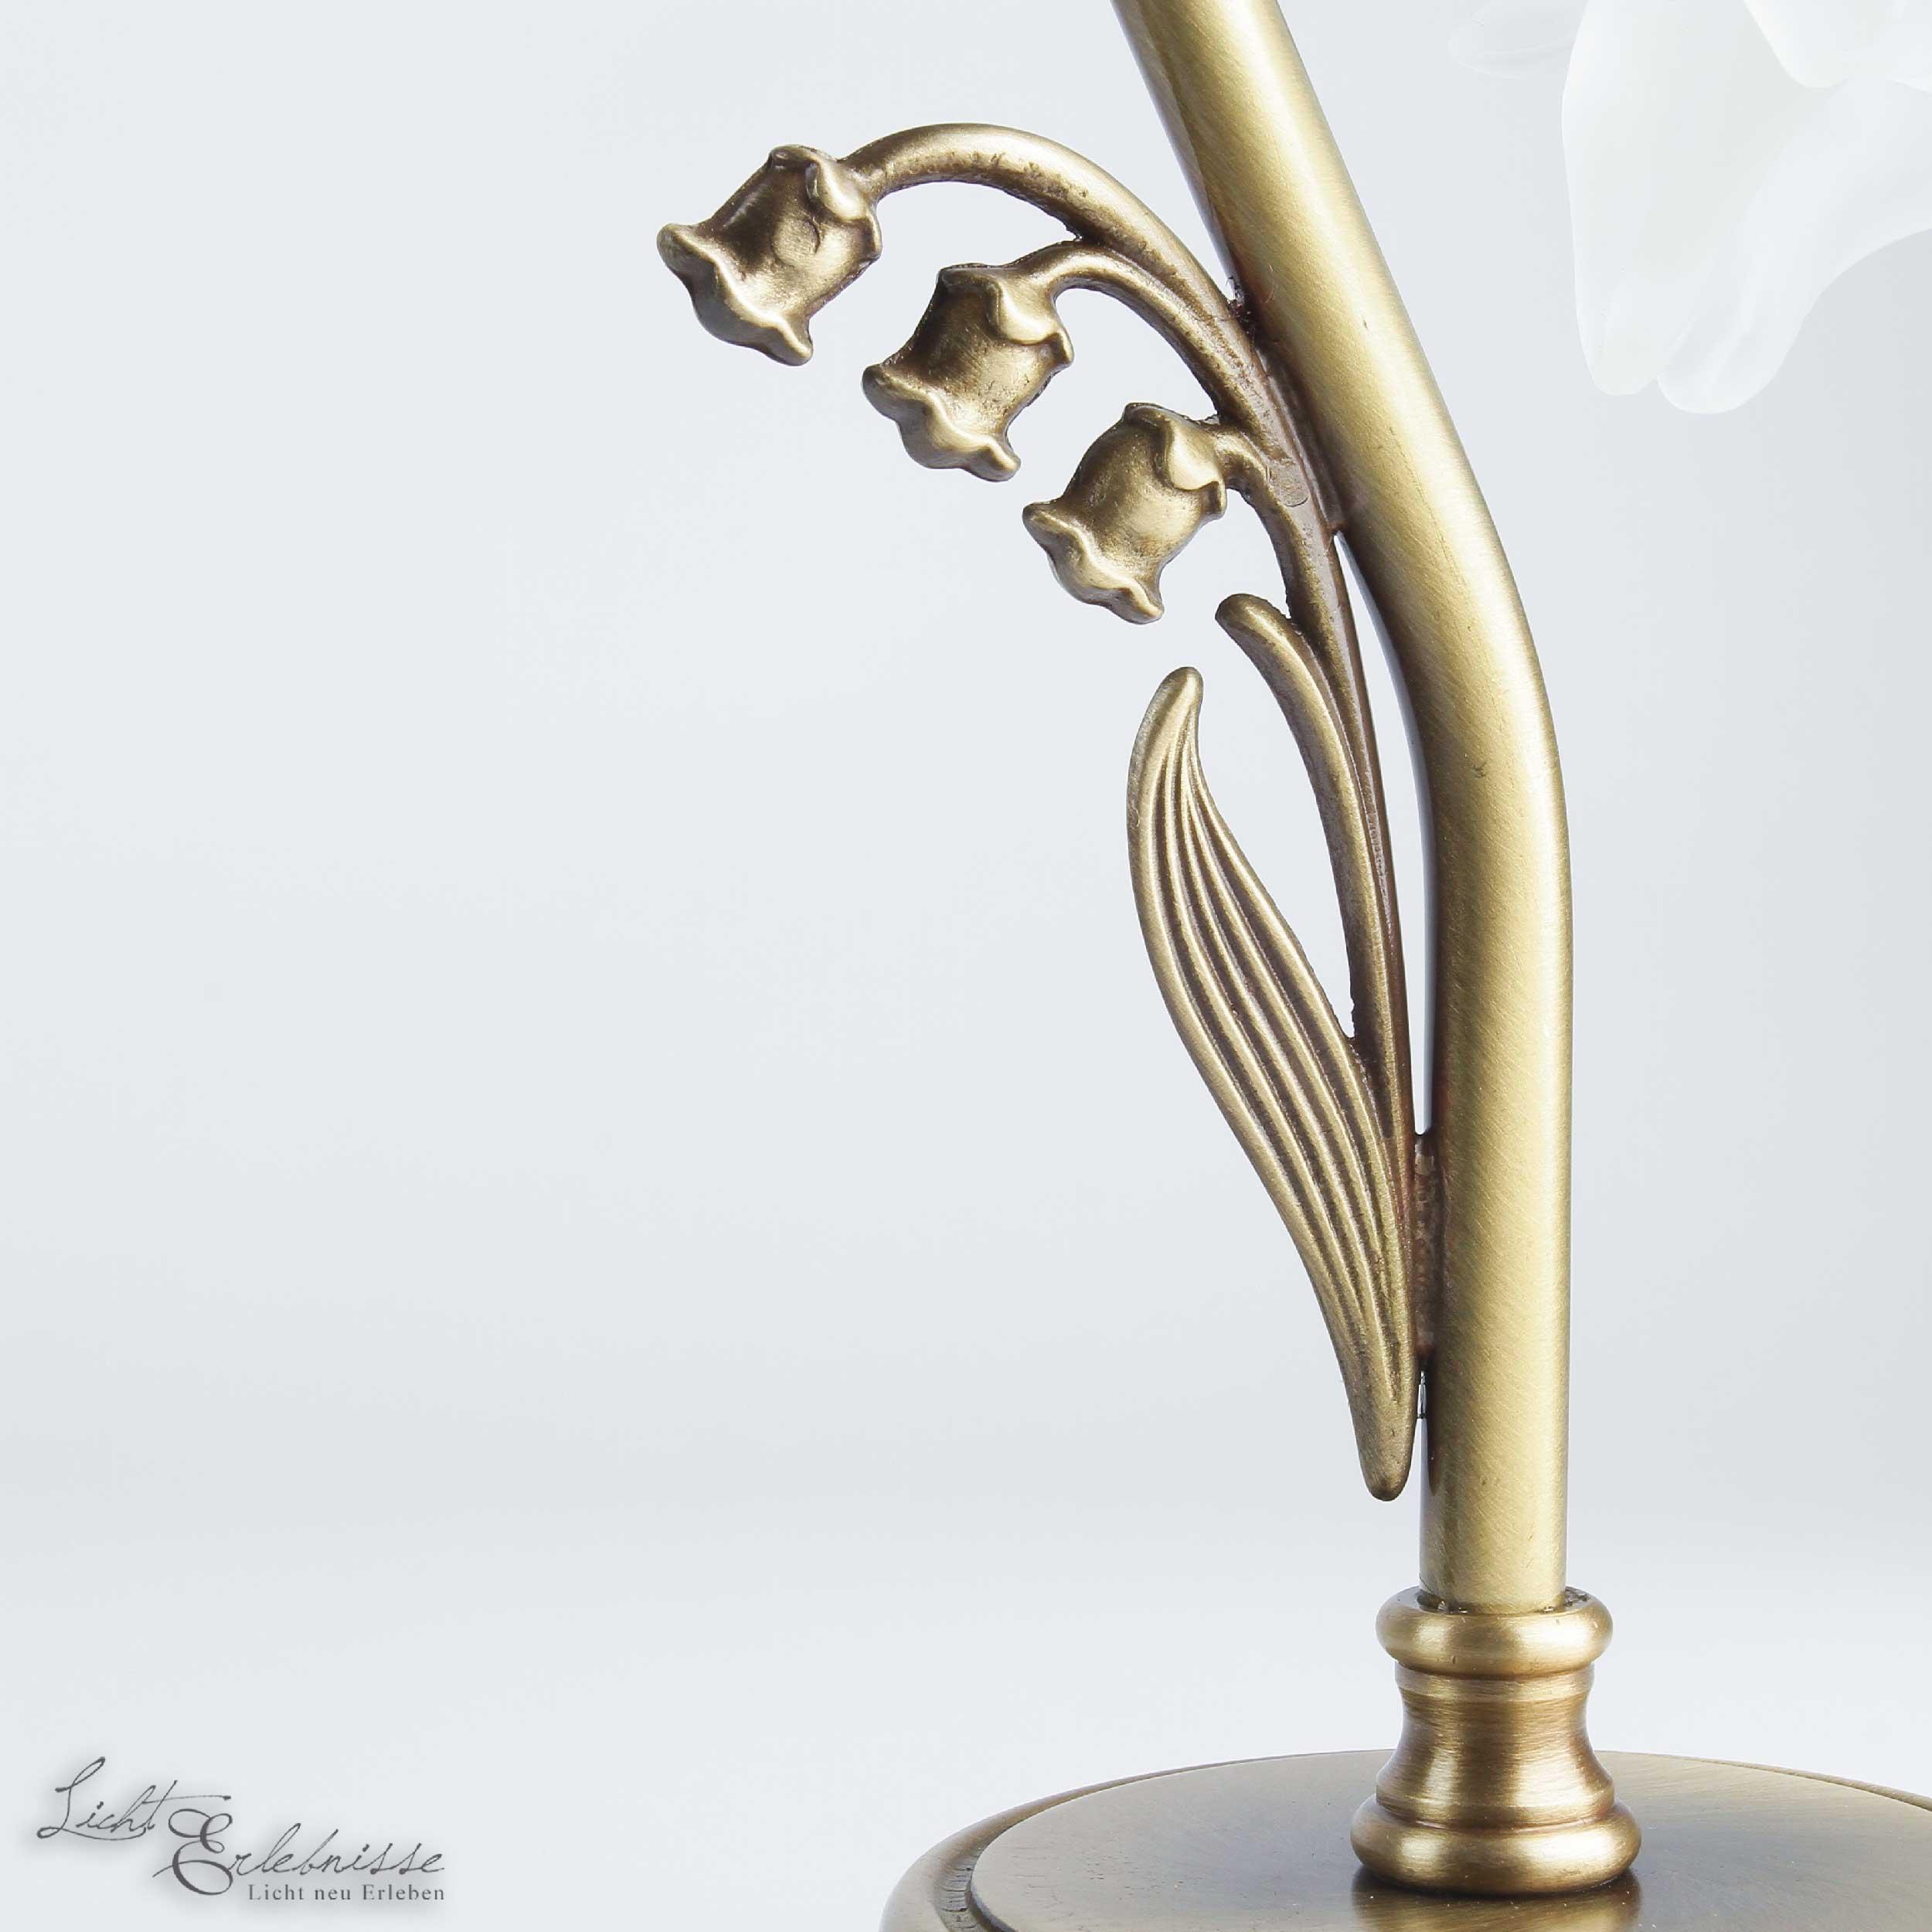 tischleuchte schlafzimmer lampe echtmessing glas bronze